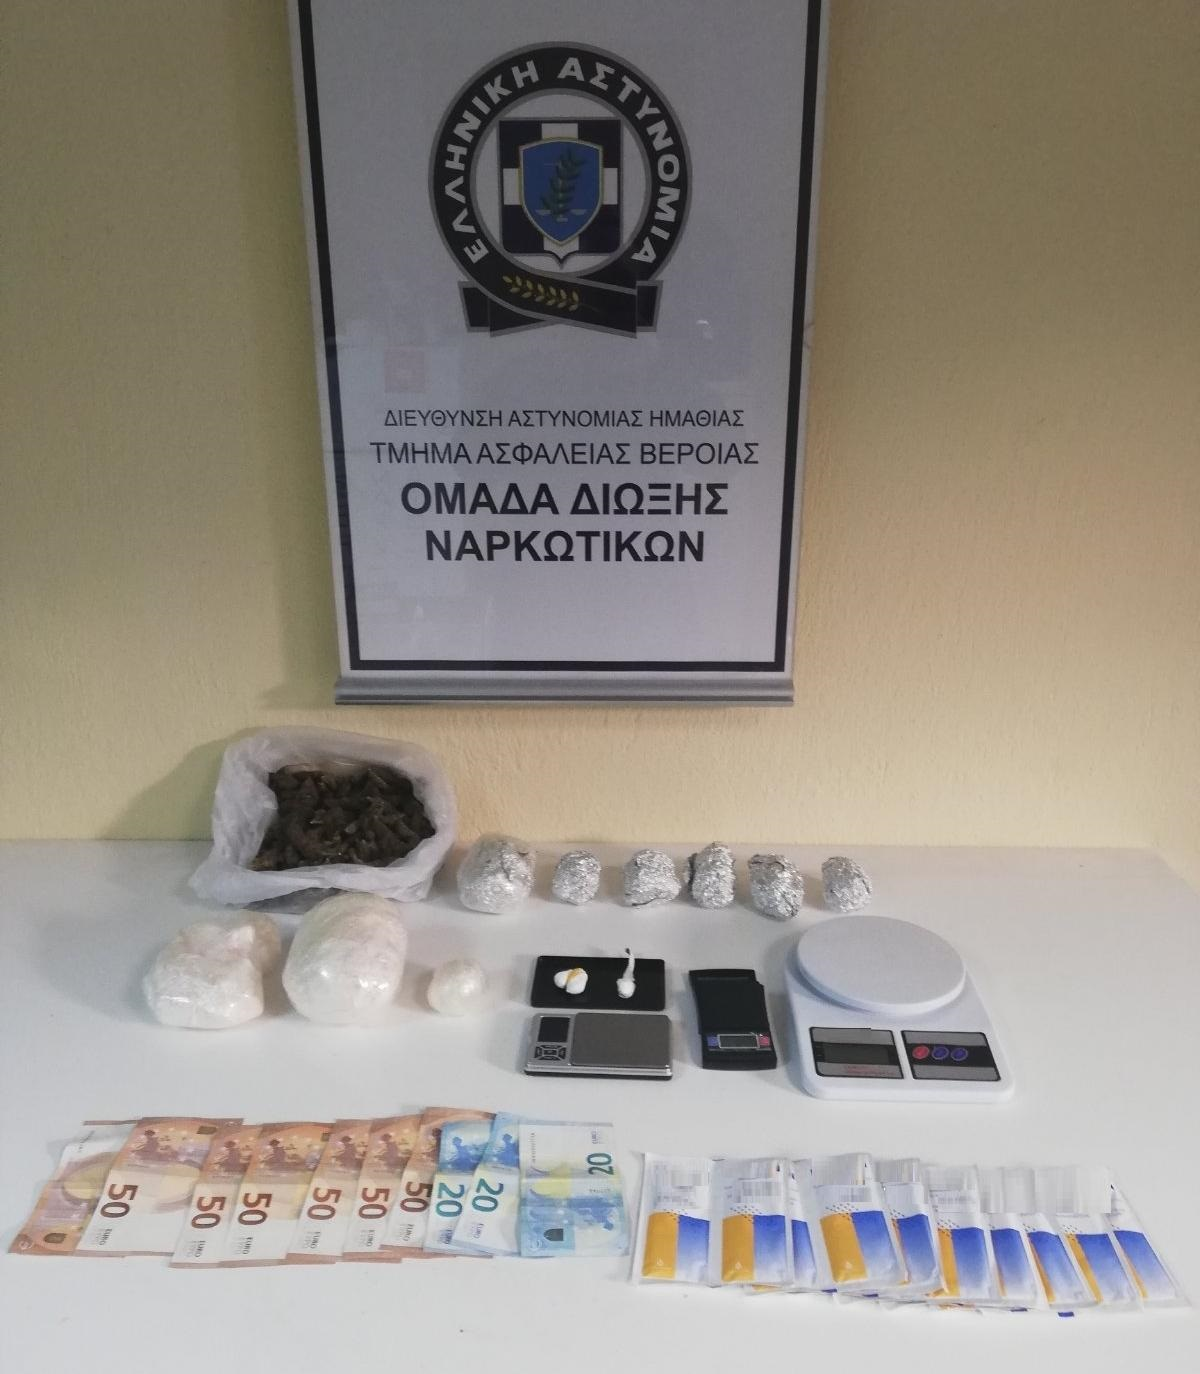 Θεσσαλονίκη: Το επτασφράγιστο μυστικό ιδιοκτήτη σπιτιού κρυβόταν μέσα στις συσκευασίες ρυζιού στην κουζίνα- Τι ανακάλυψαν οι αστυνομικοί…